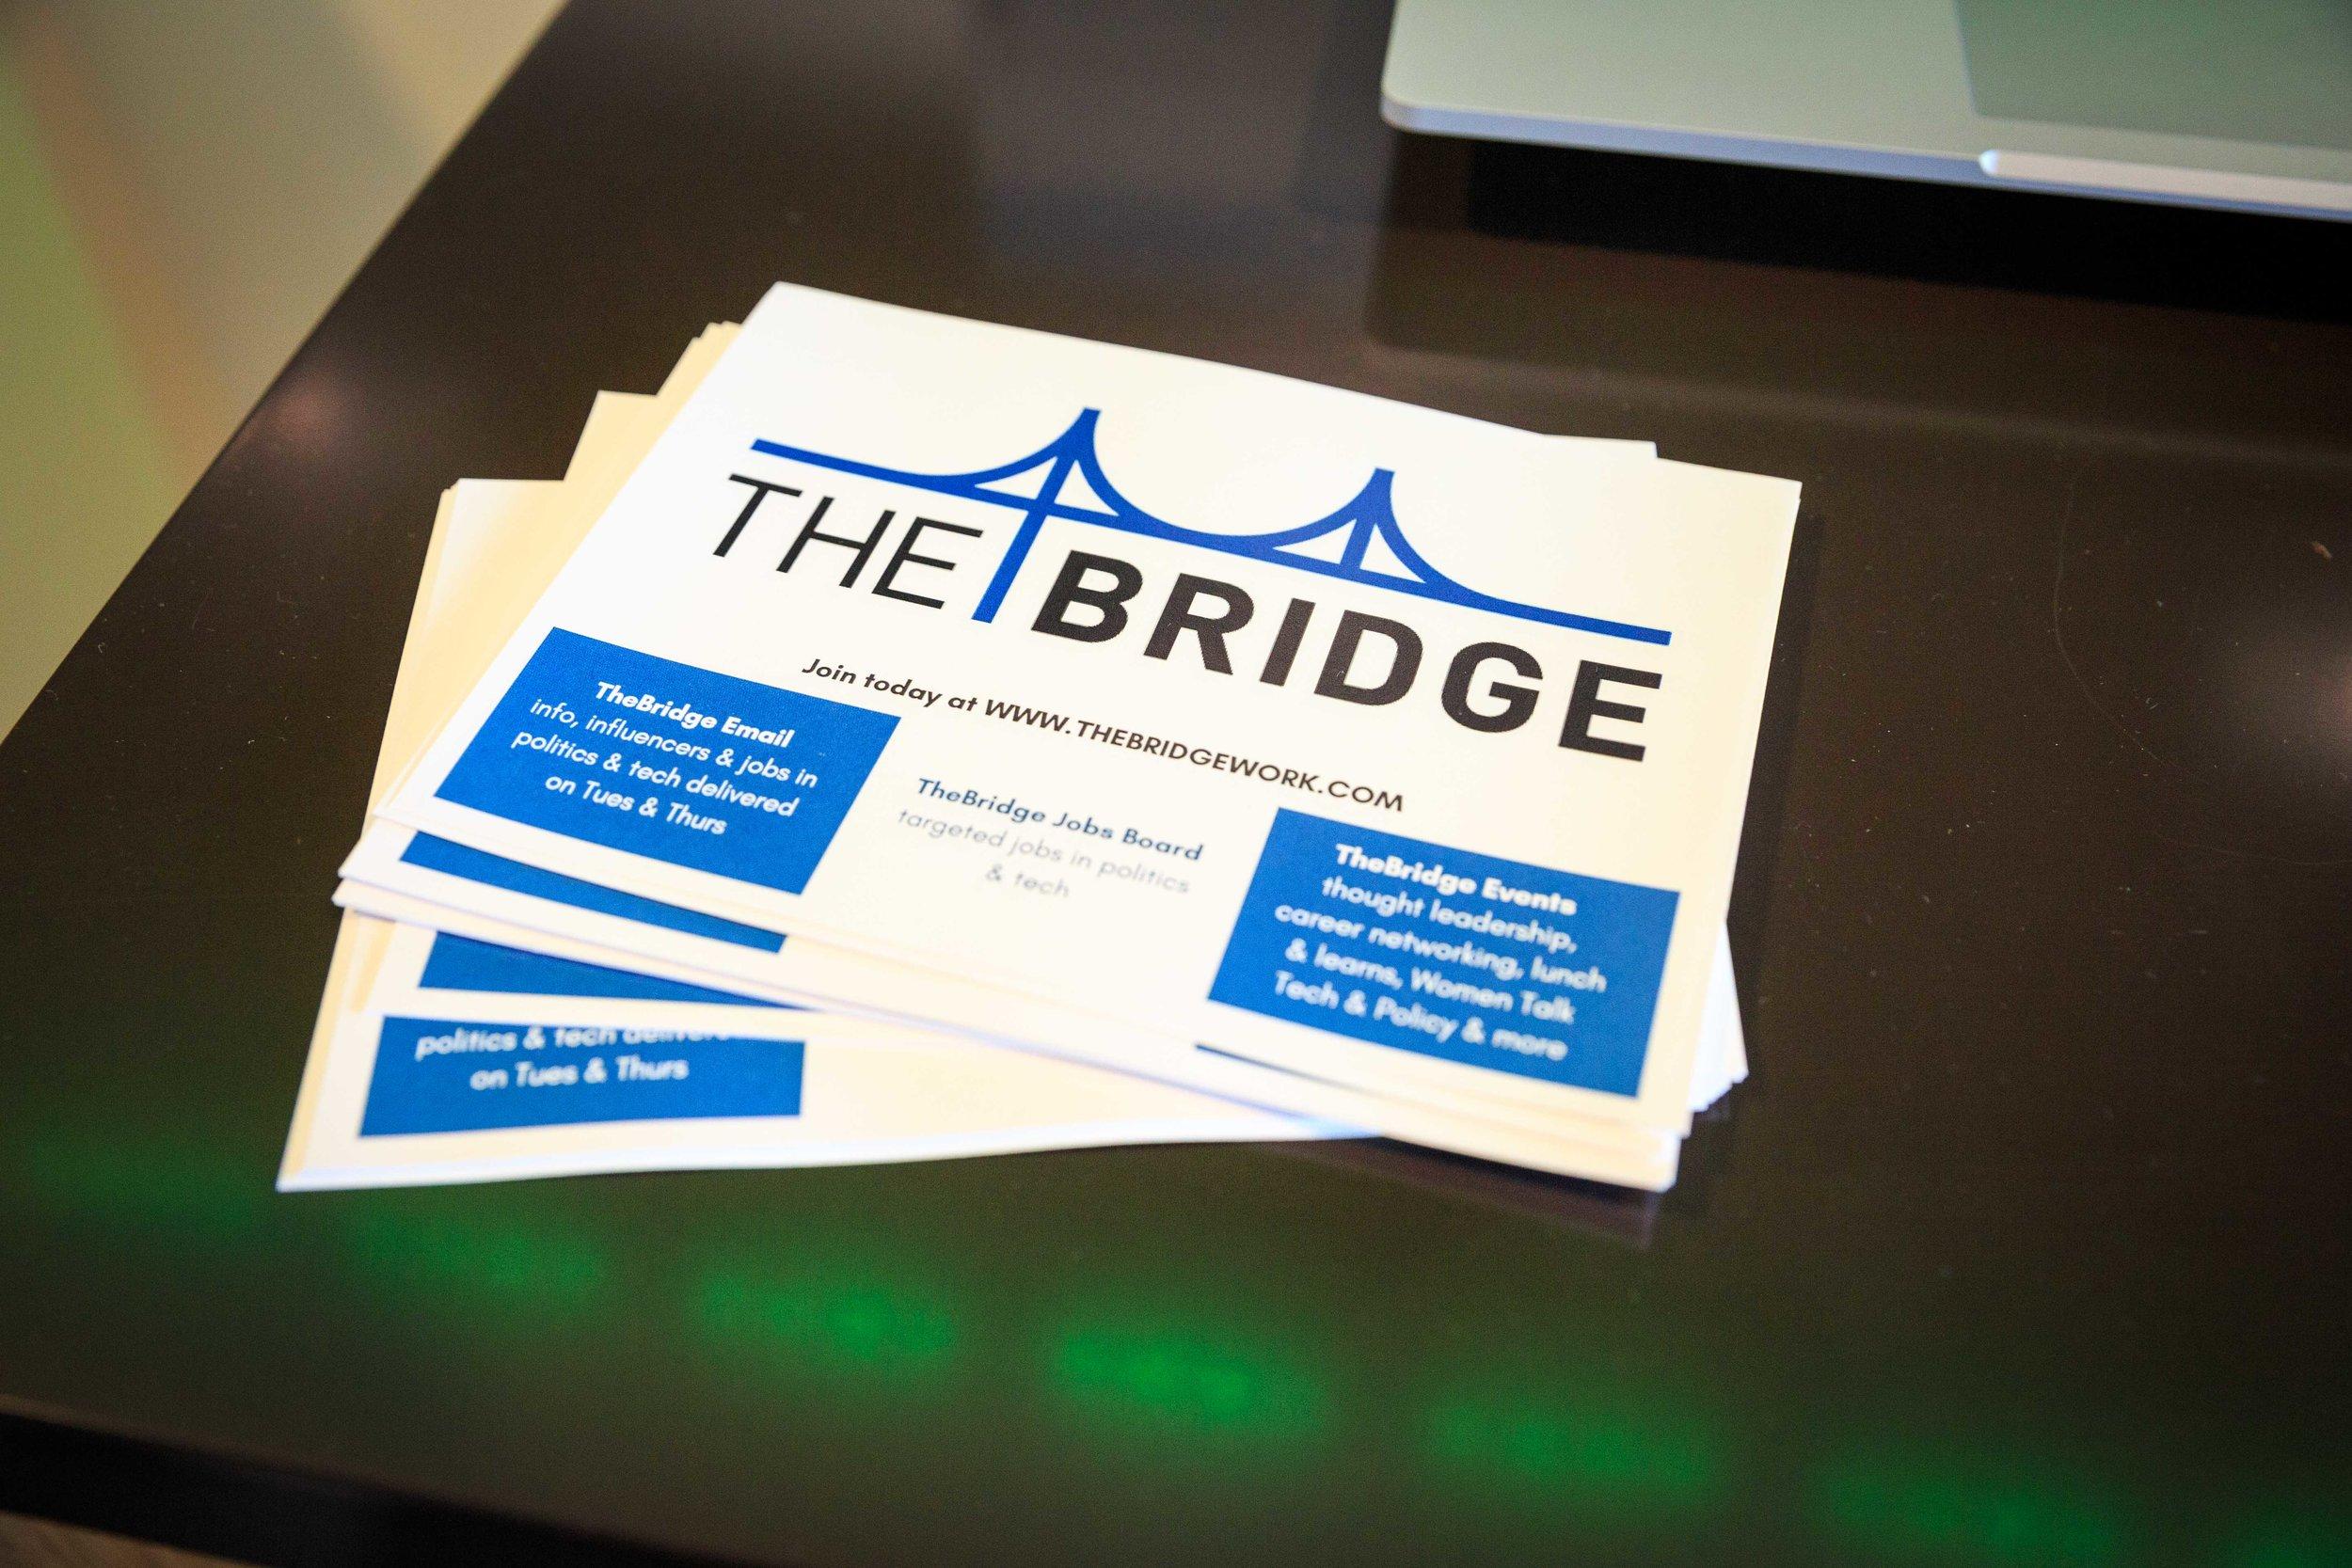 bridgecard.jpg